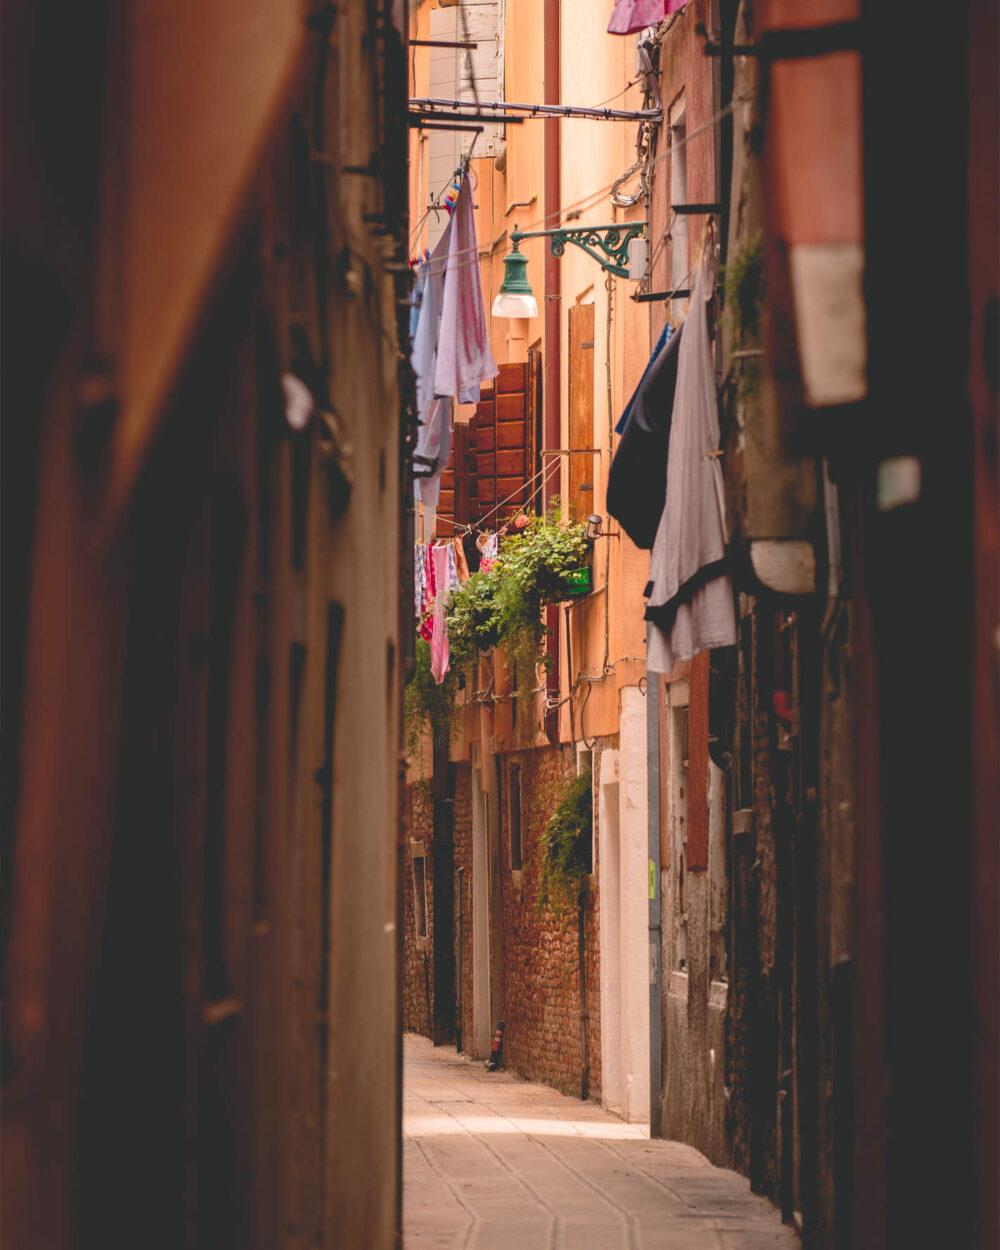 Ein romantisches Gässchen in Venedig